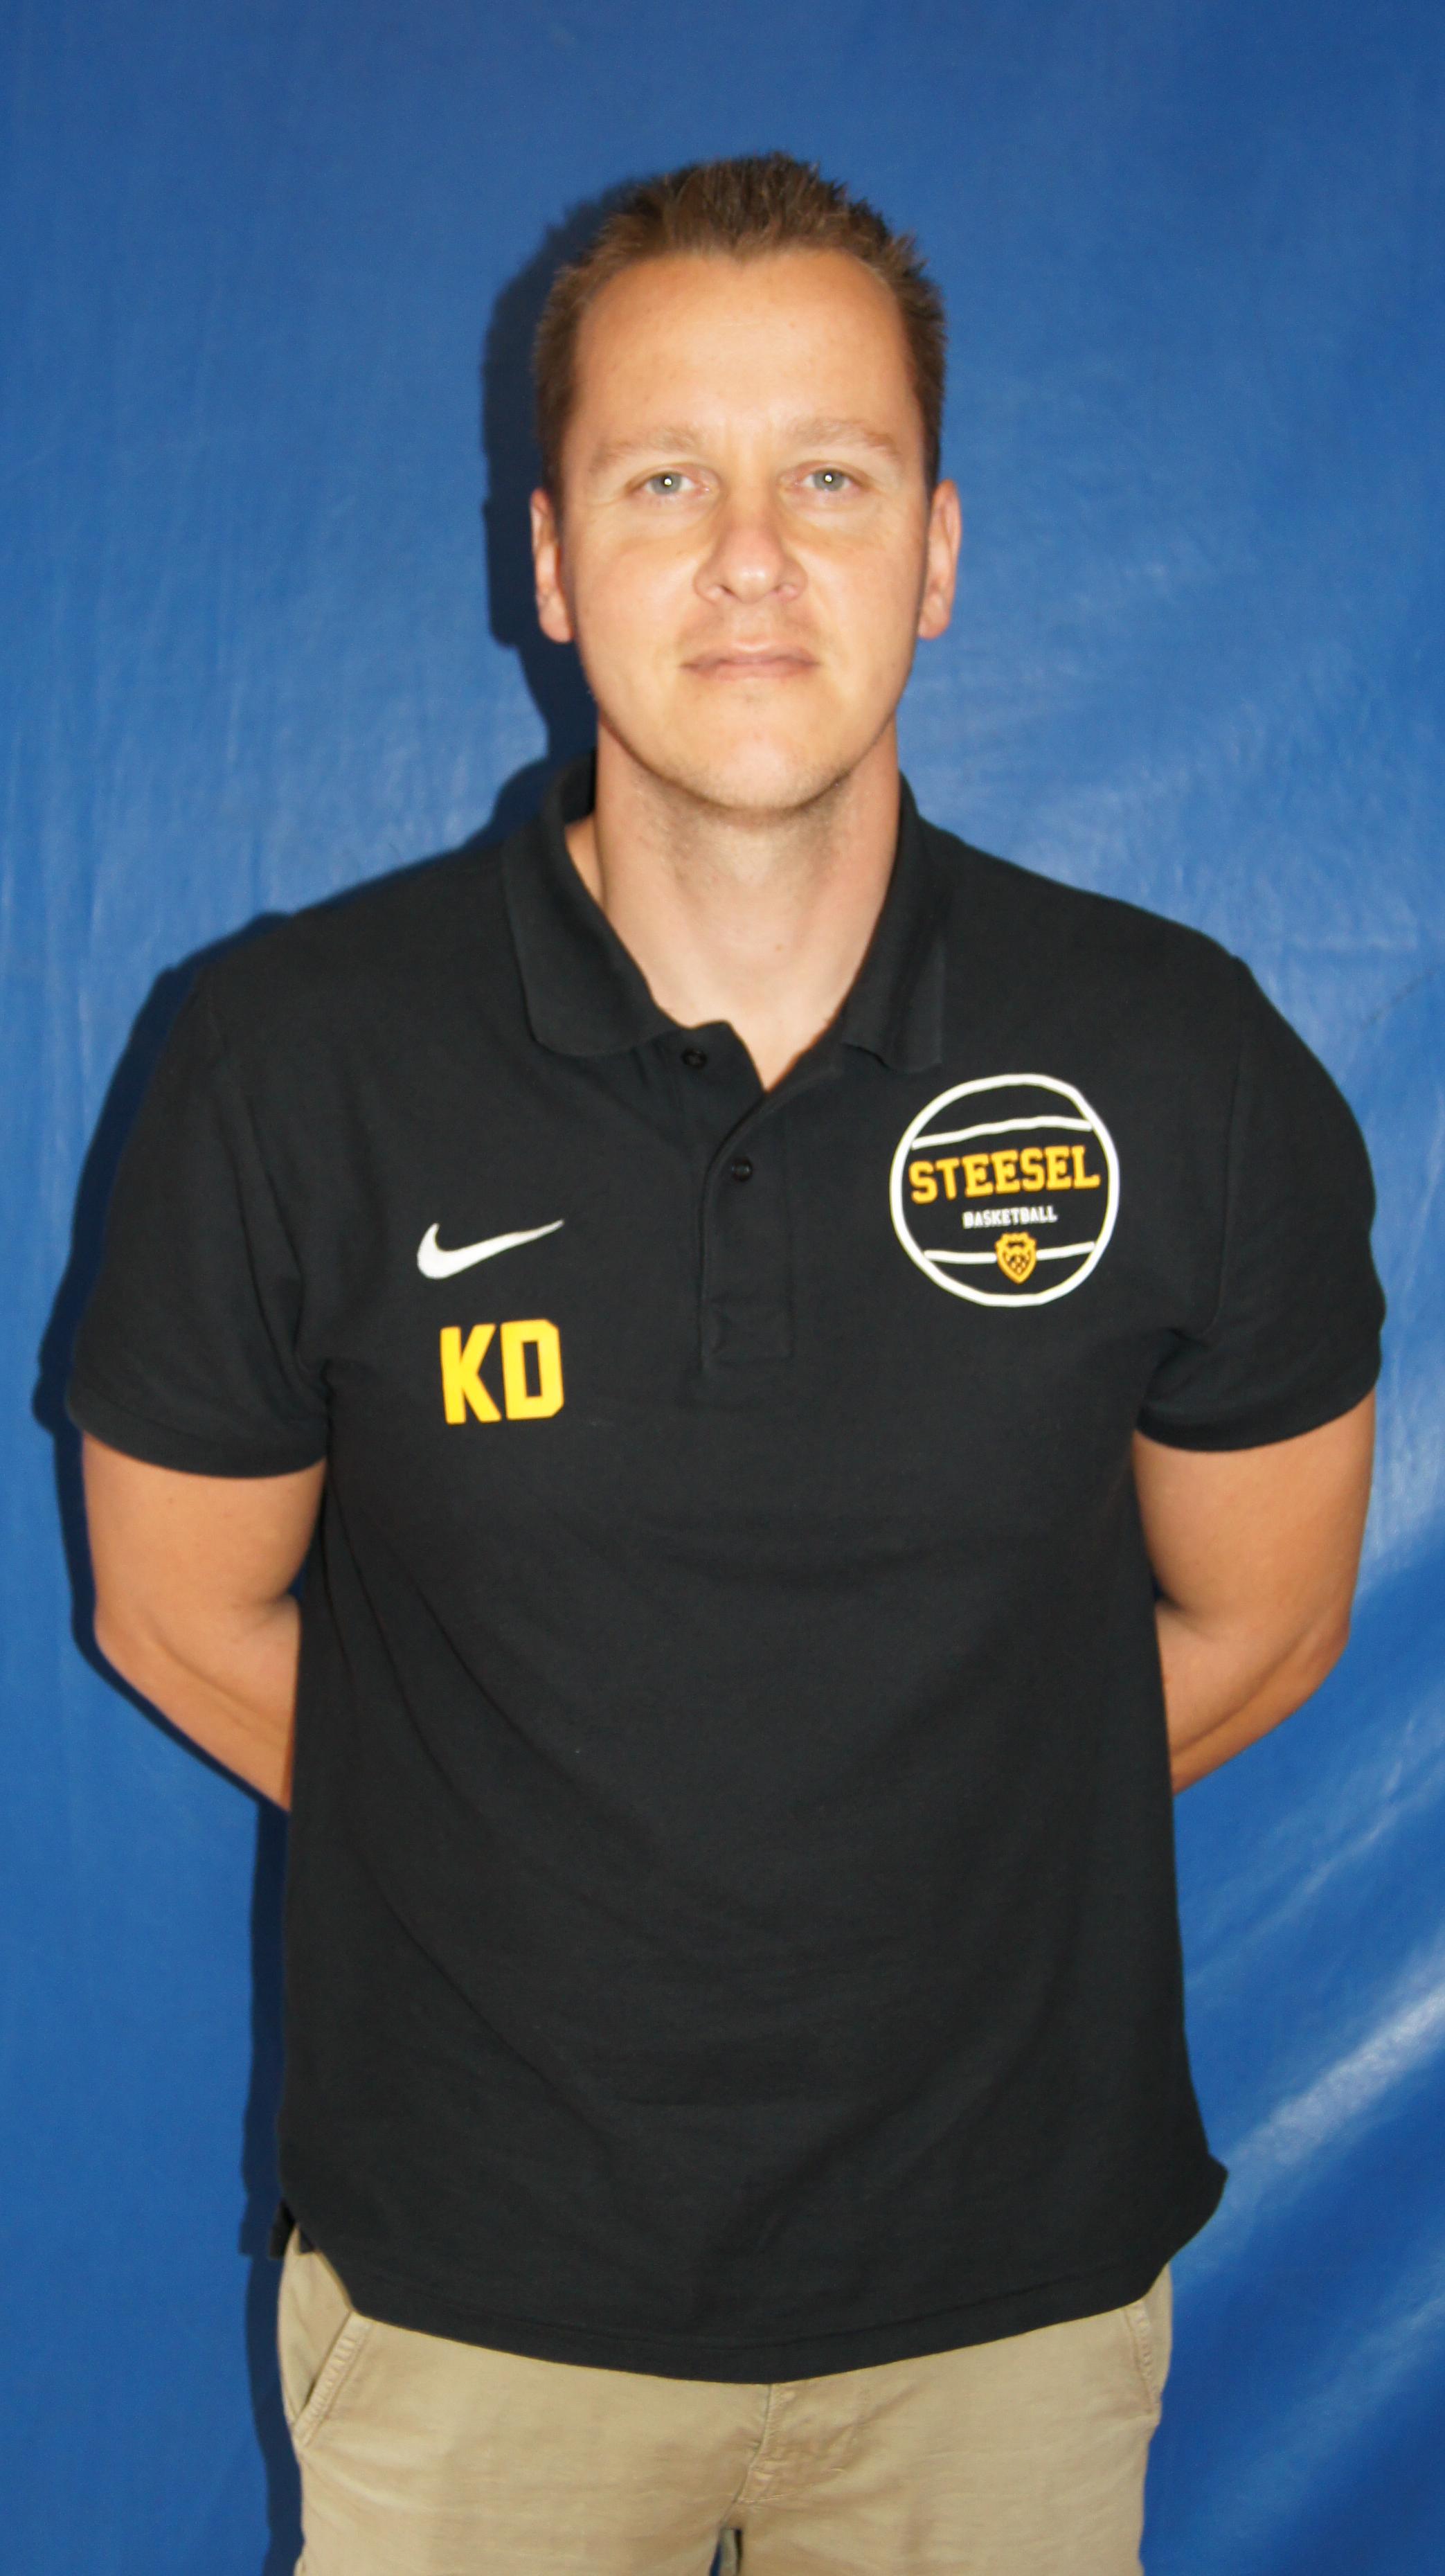 Ken Diederich